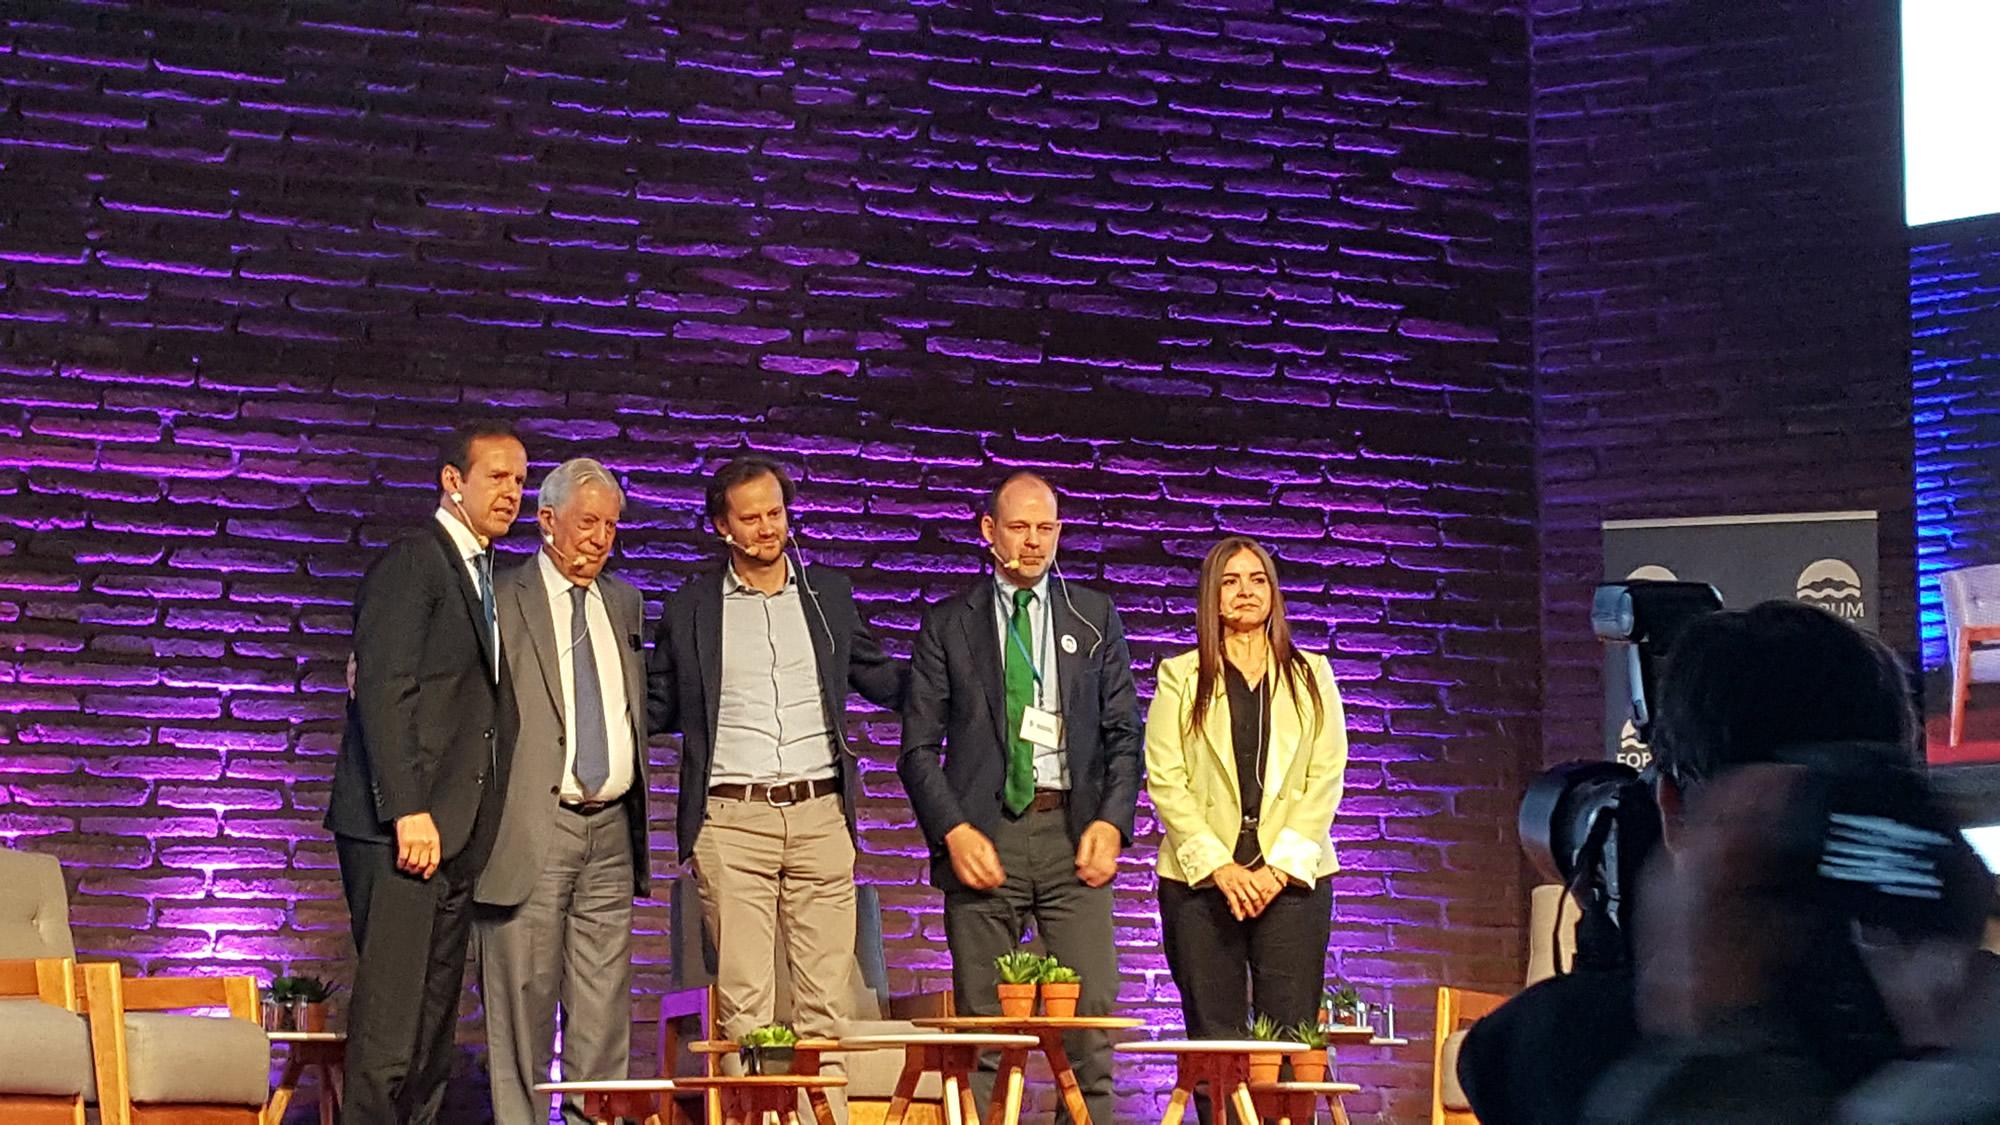 Participación en la Conferencia Socialismo, populismo y democracia en América Latina